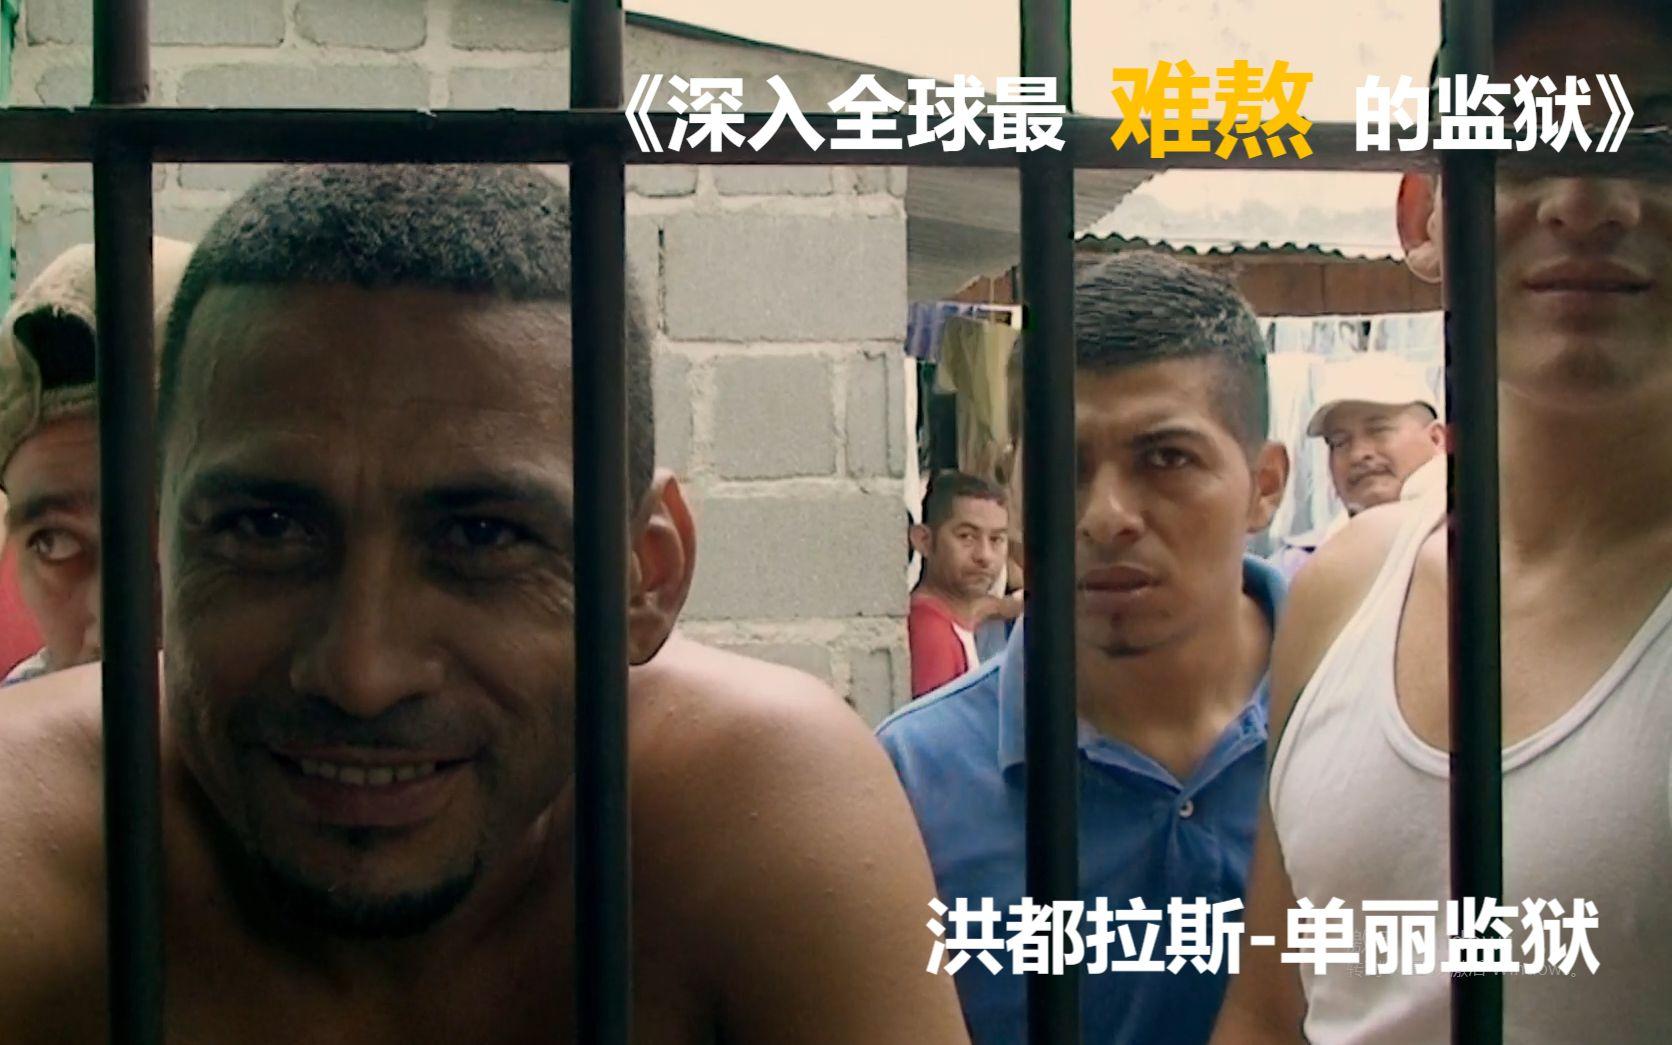 深入全球最难熬的监狱,犯人自治下的黑暗角落。